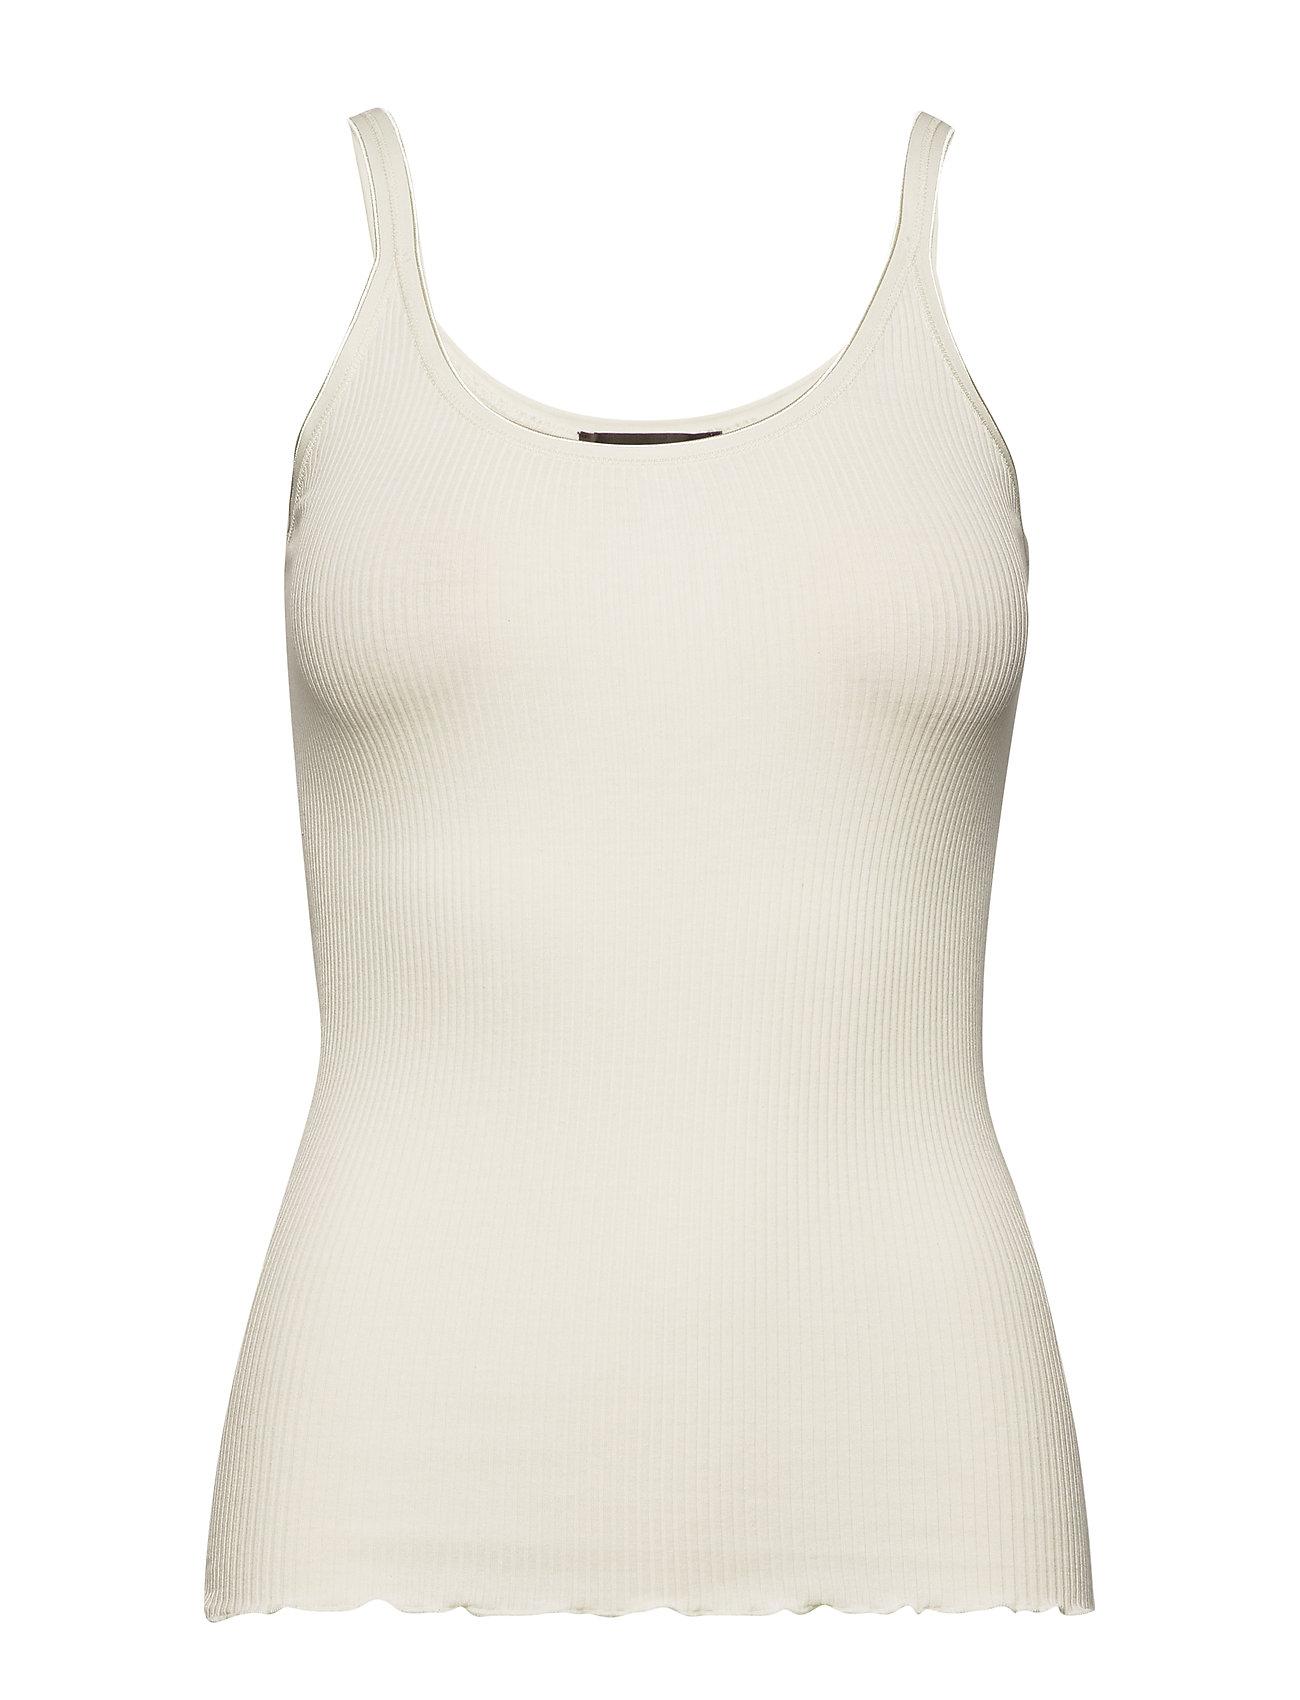 Image of Silk Top Regular Length W/ Elastic Top Ærmeløs Top Creme Rosemunde (3376464779)